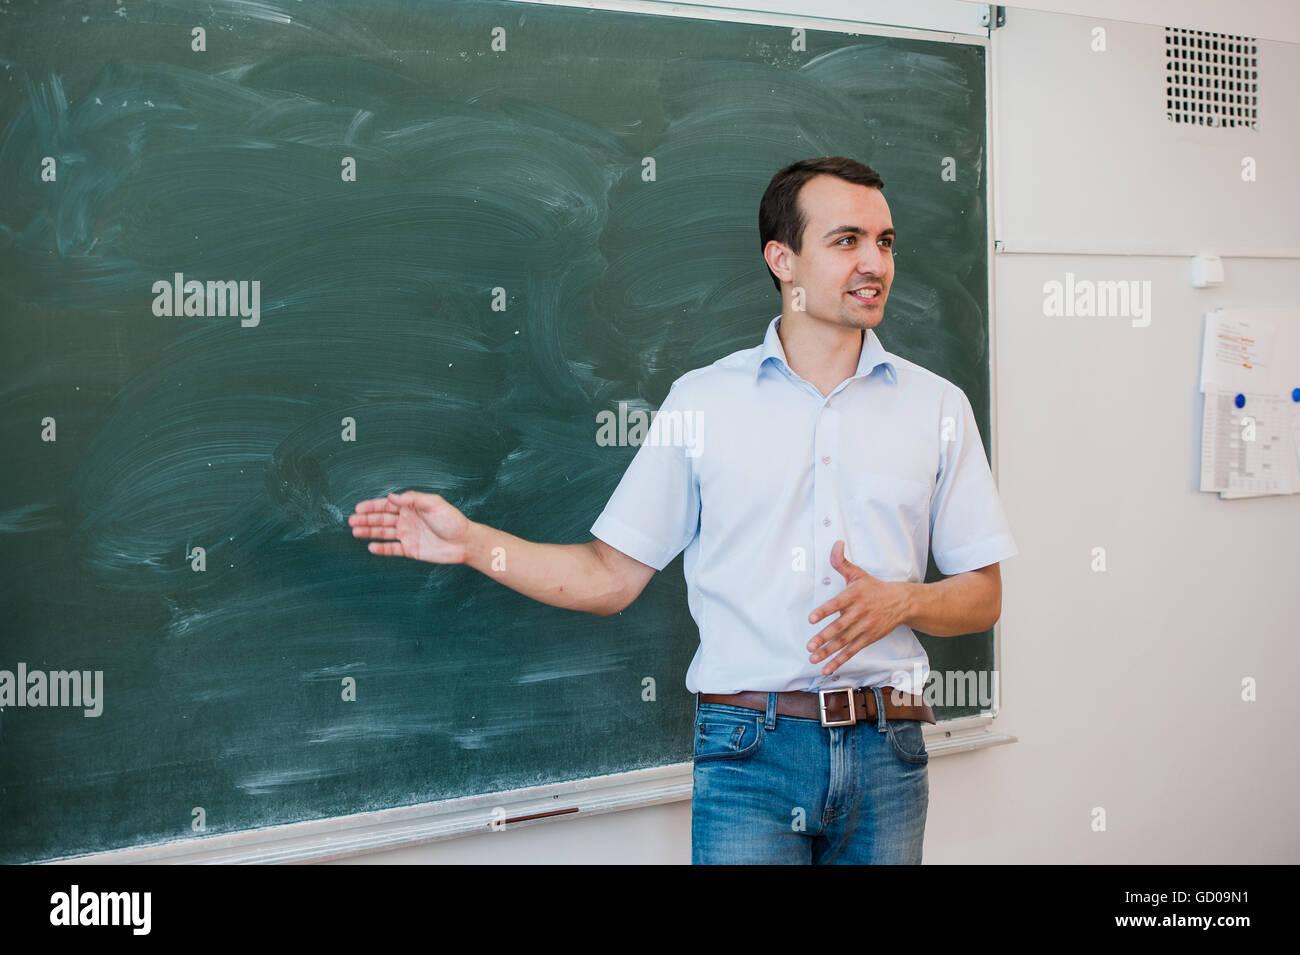 Ritratto di giovane bello studente o insegnante in una classe puntando alla lavagna vuota, parlando e sorridente Immagini Stock